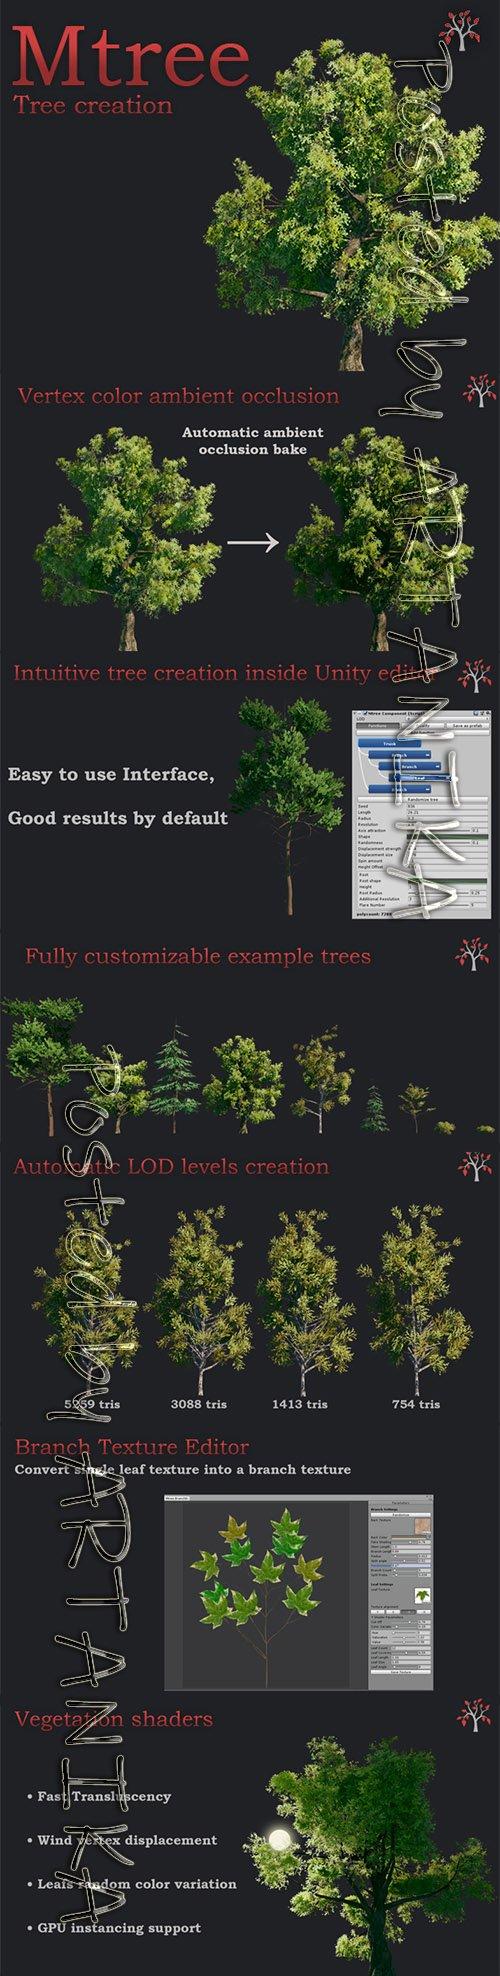 Mtree - Tree creation v2.1